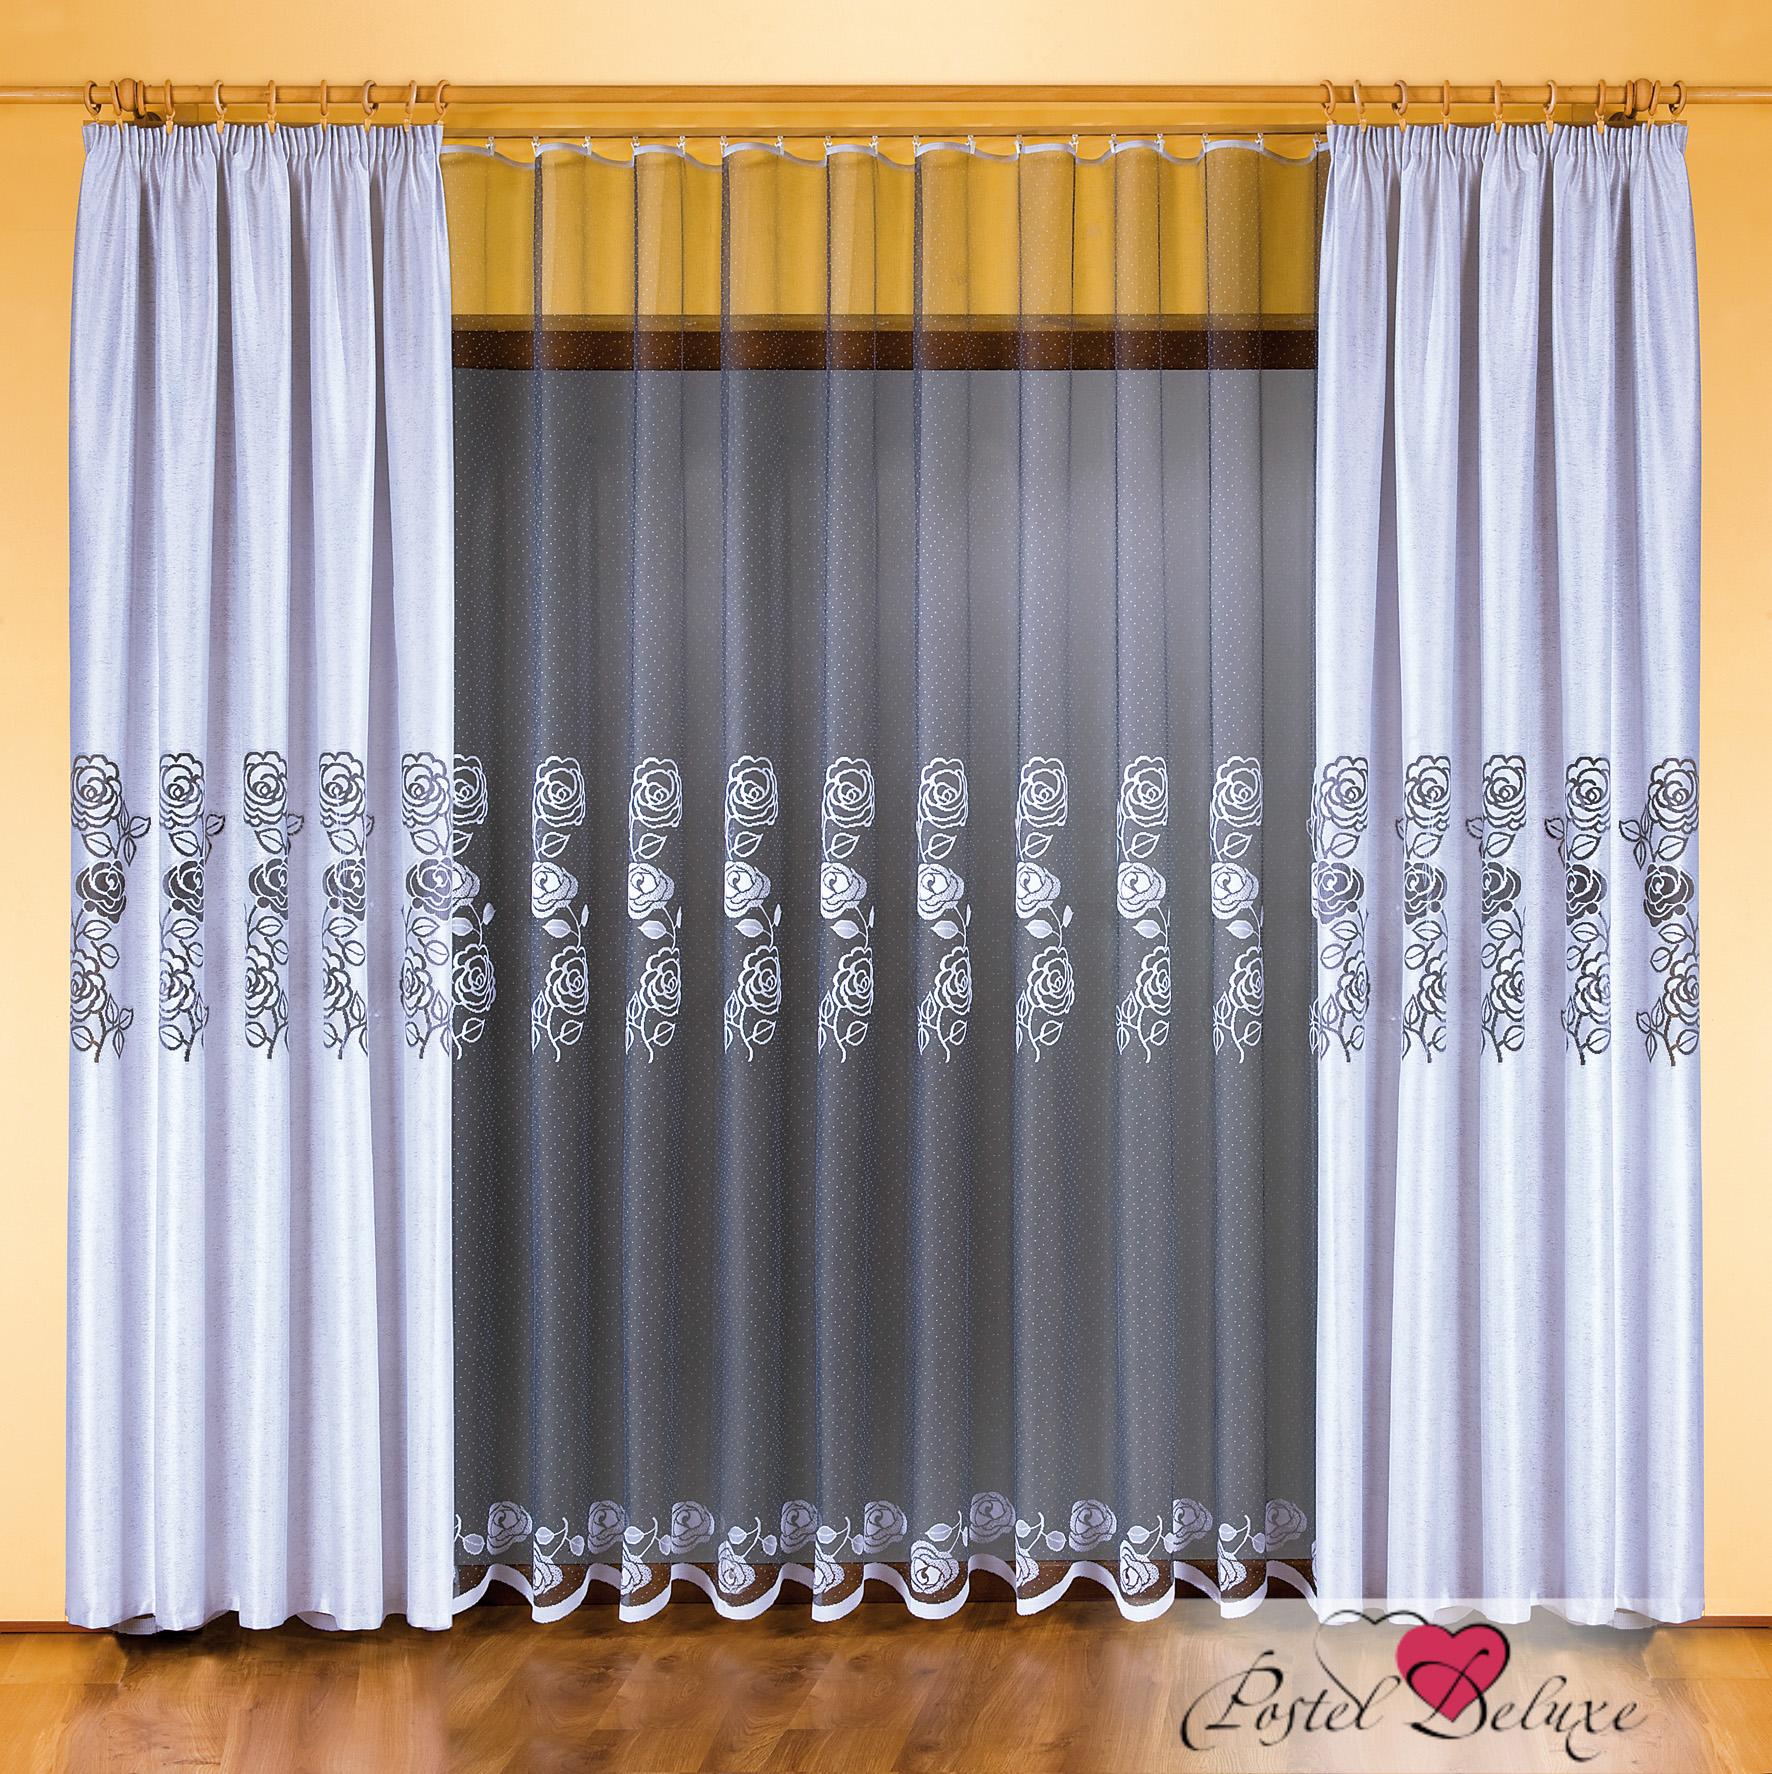 Шторы Wisan Классические шторы Roze Цвет гардины: Черный, Цвет портьер: Бело-Стальной wisan wisan классические шторы noele